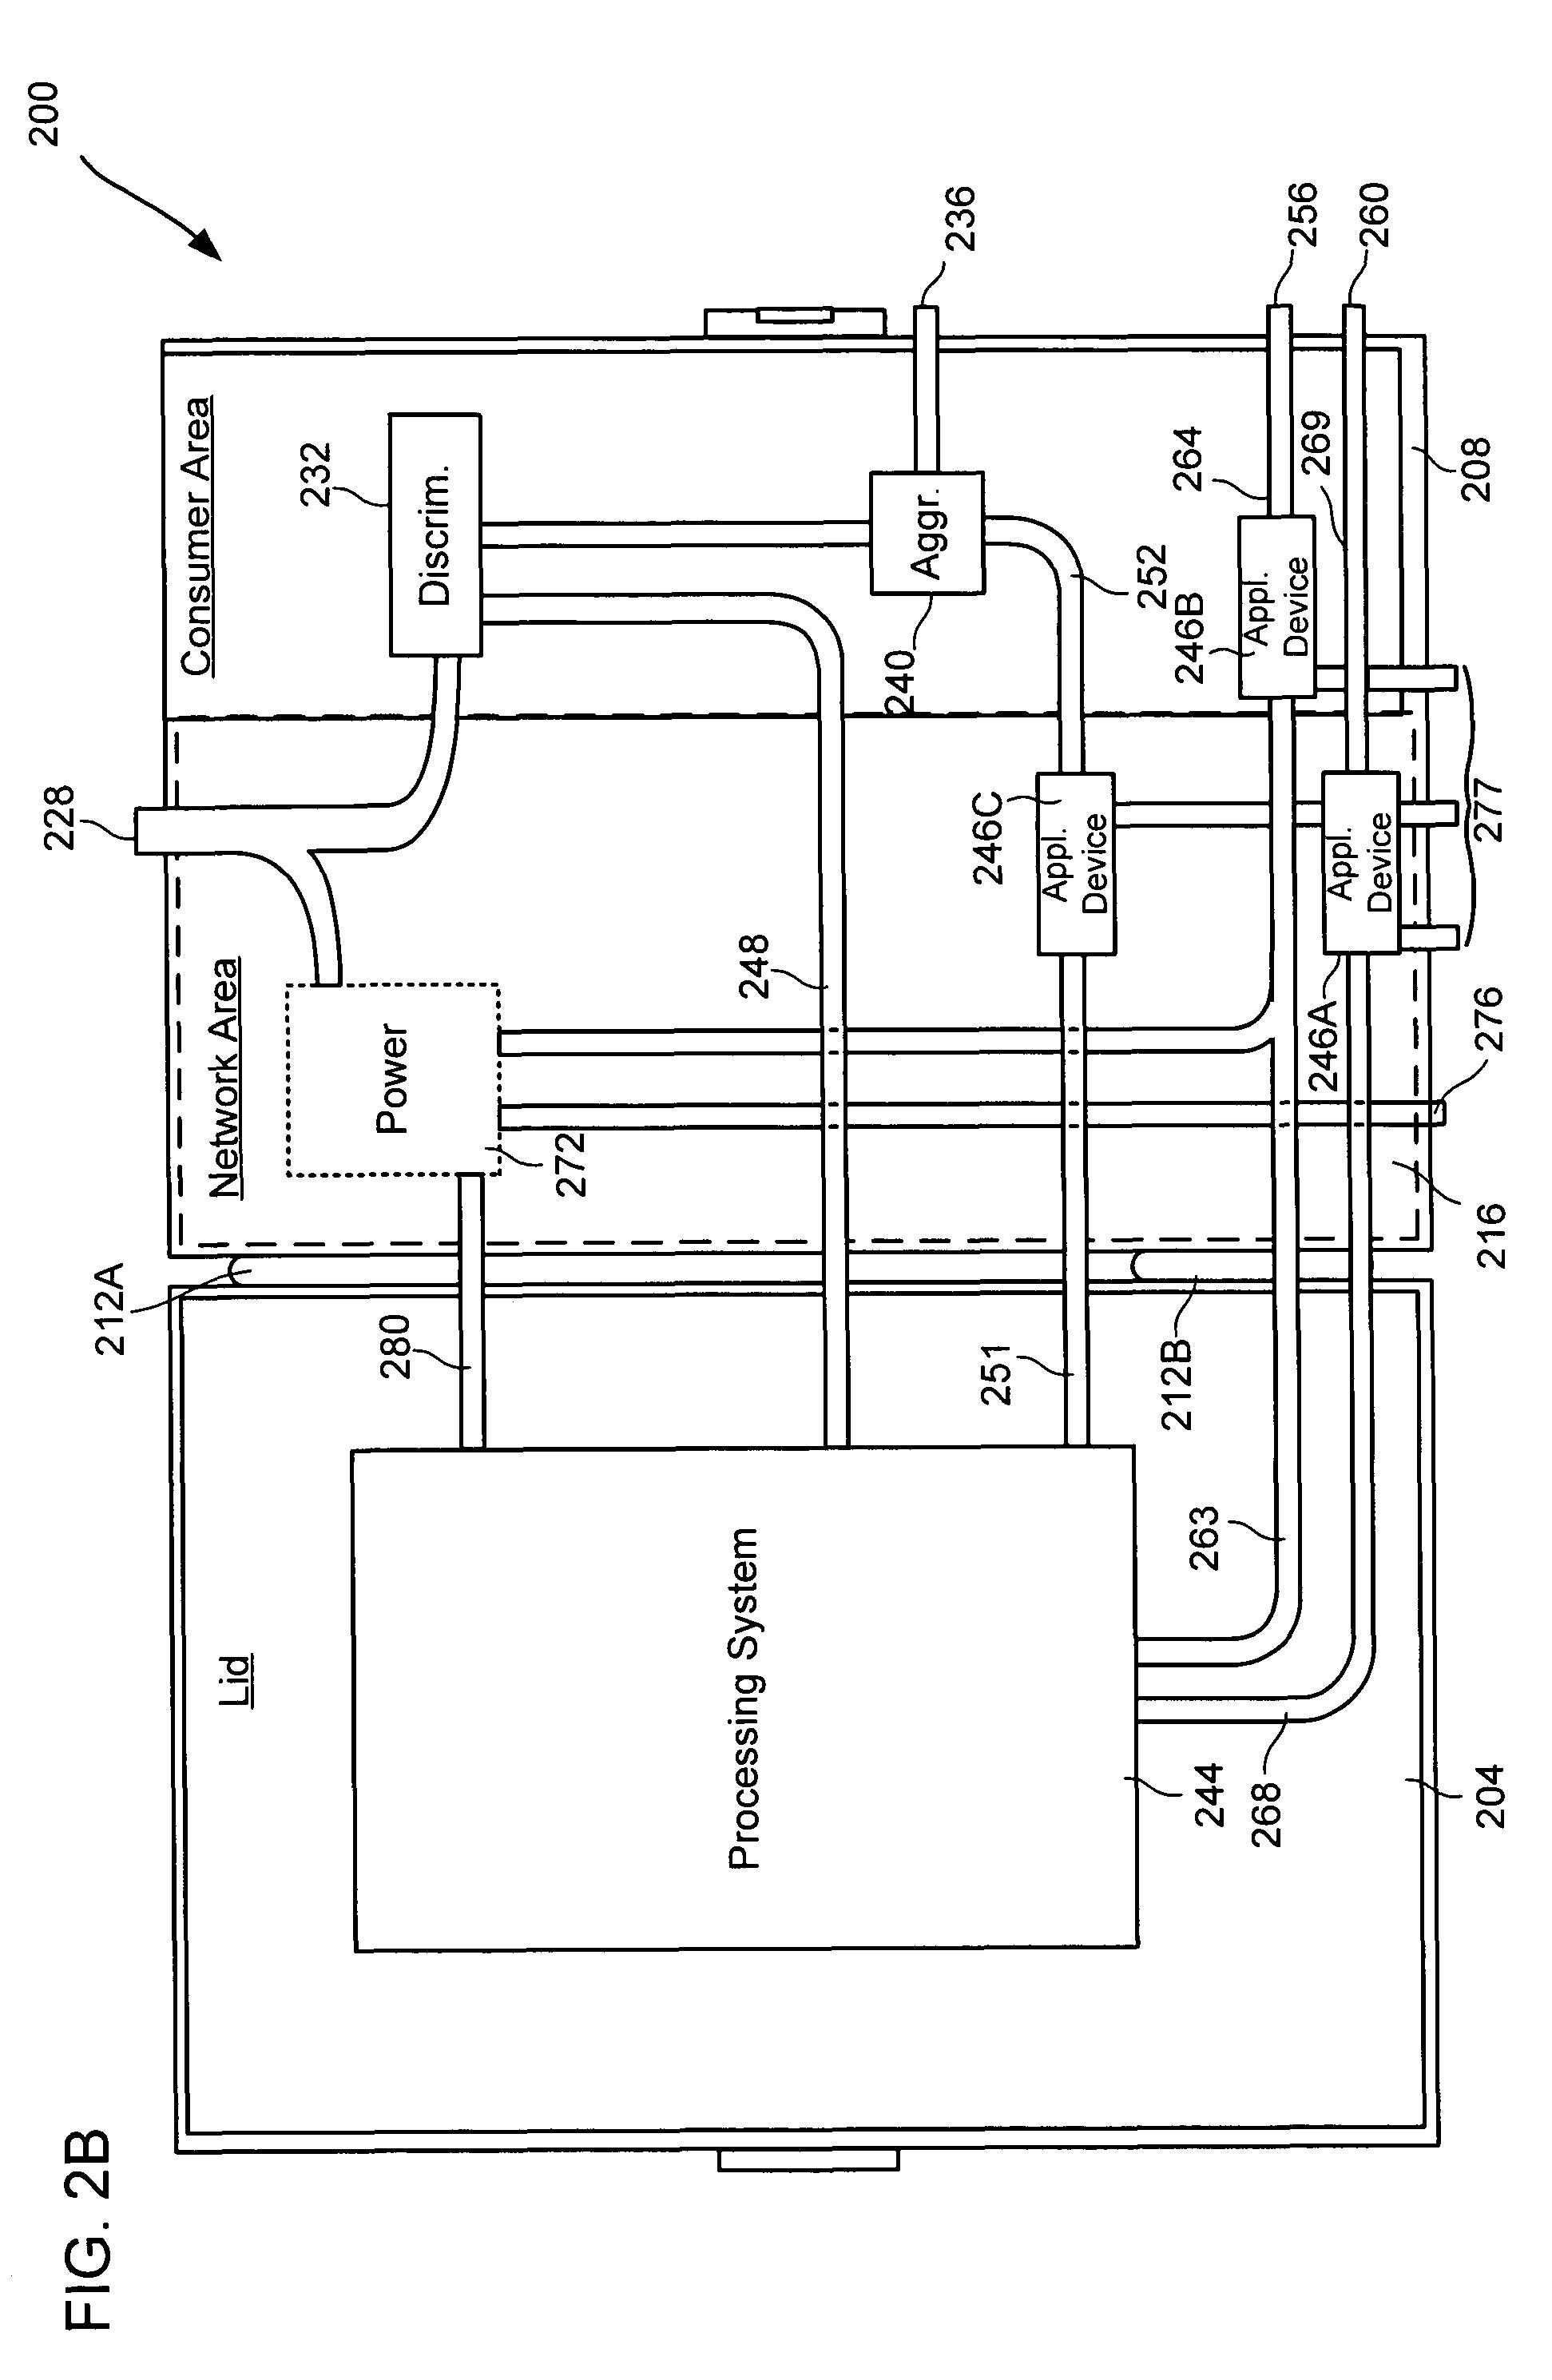 Ford Courier Wiring Diagram Pdf Com